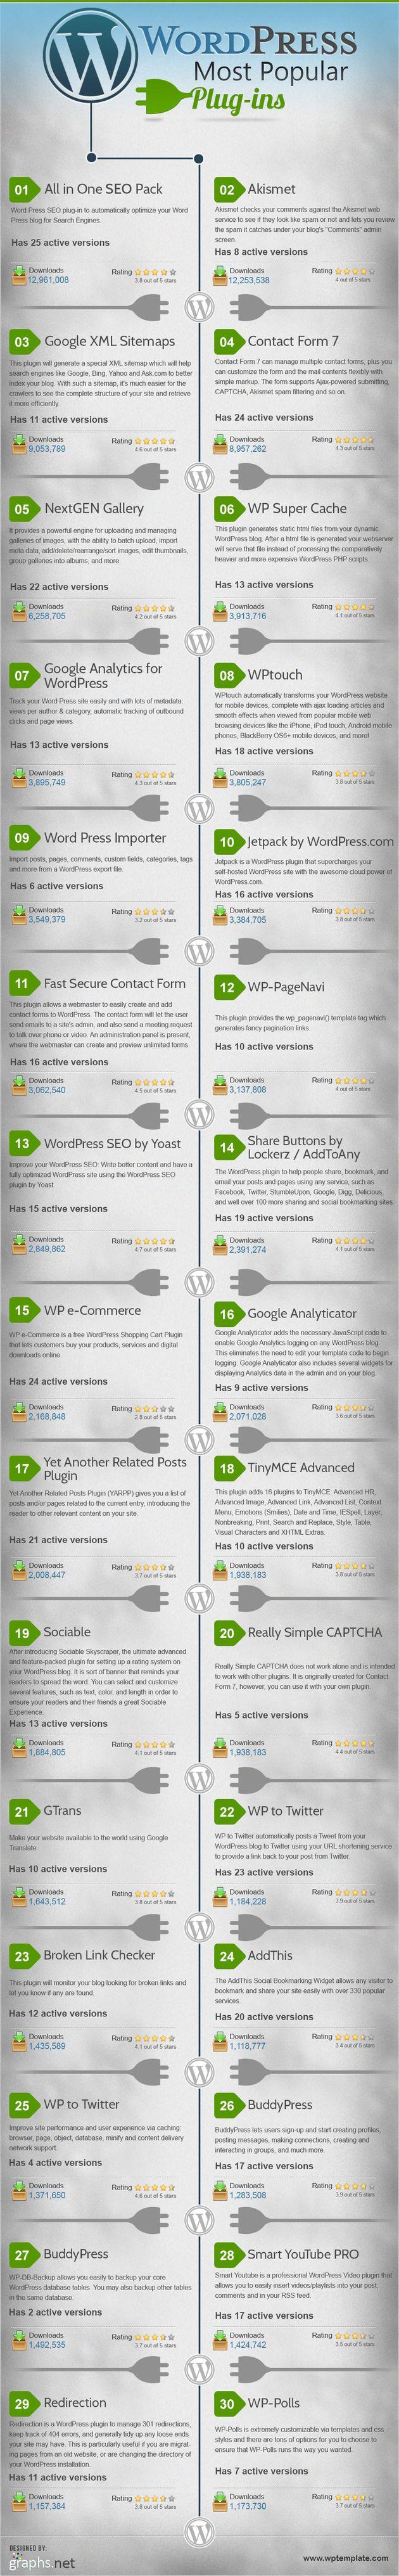 Infografia-con-los-plugins-mas-usados-en-WordPress2